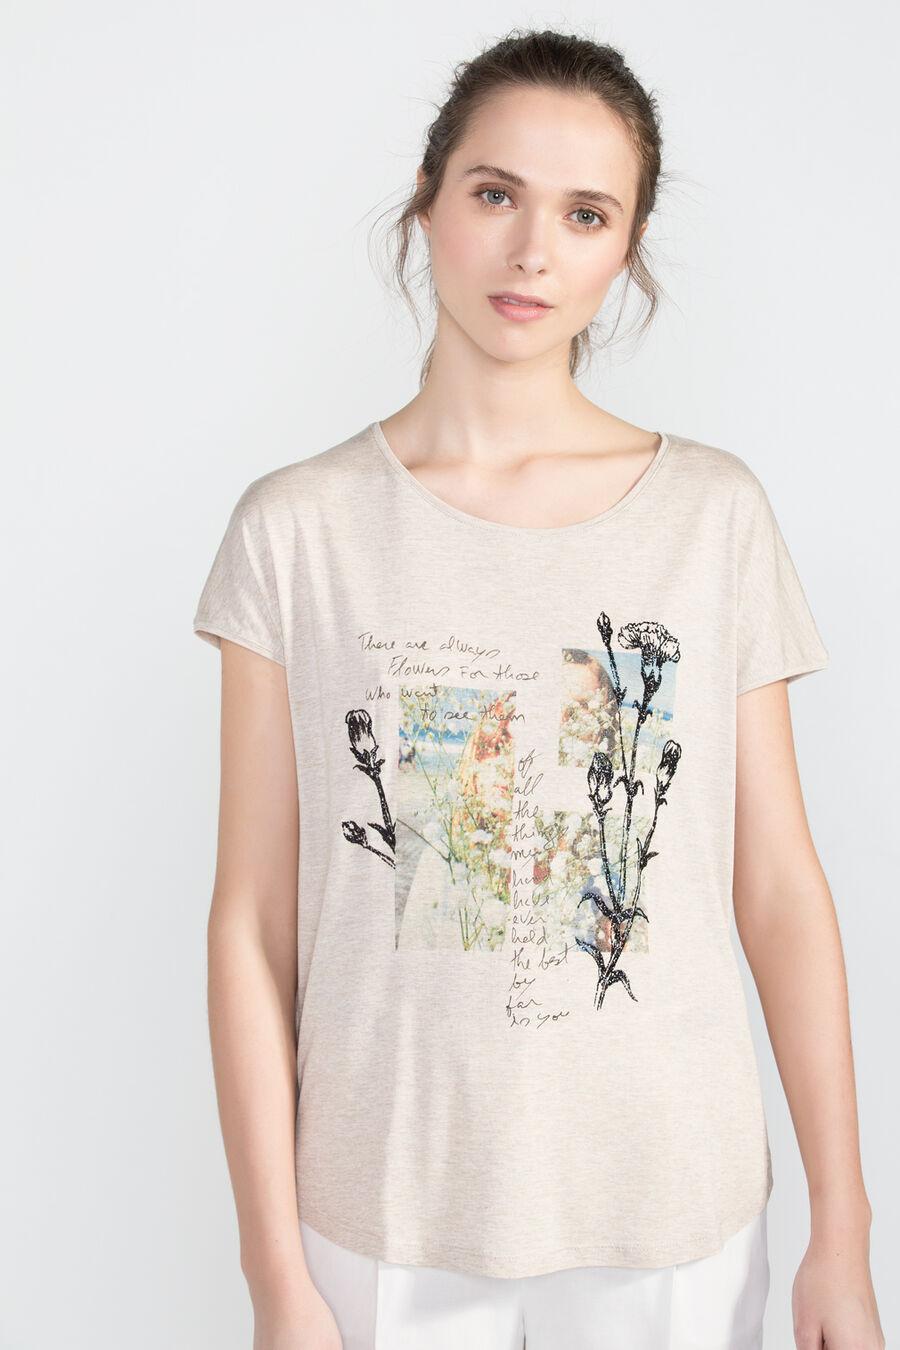 Camiseta texto caligrafia